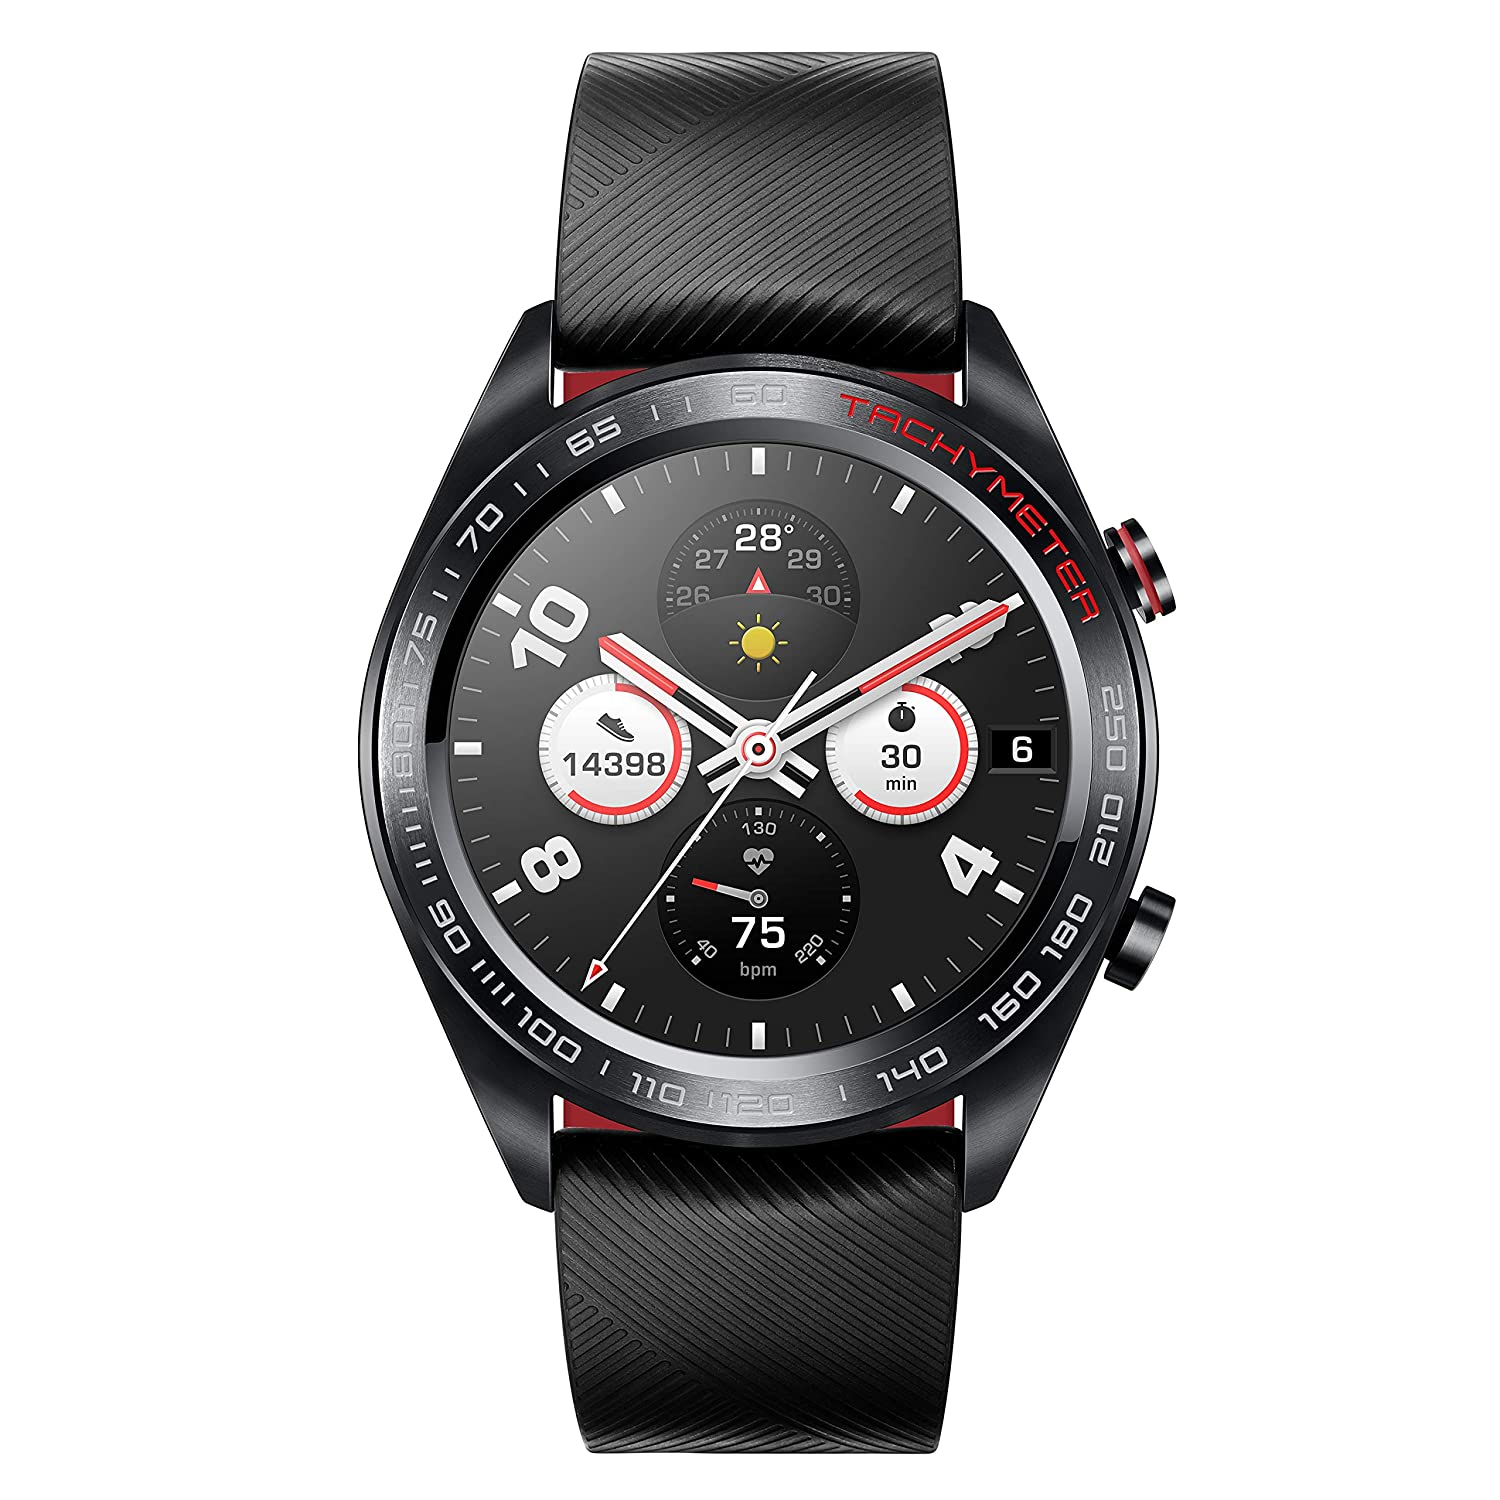 best smartwatch under 10000 in india 2020